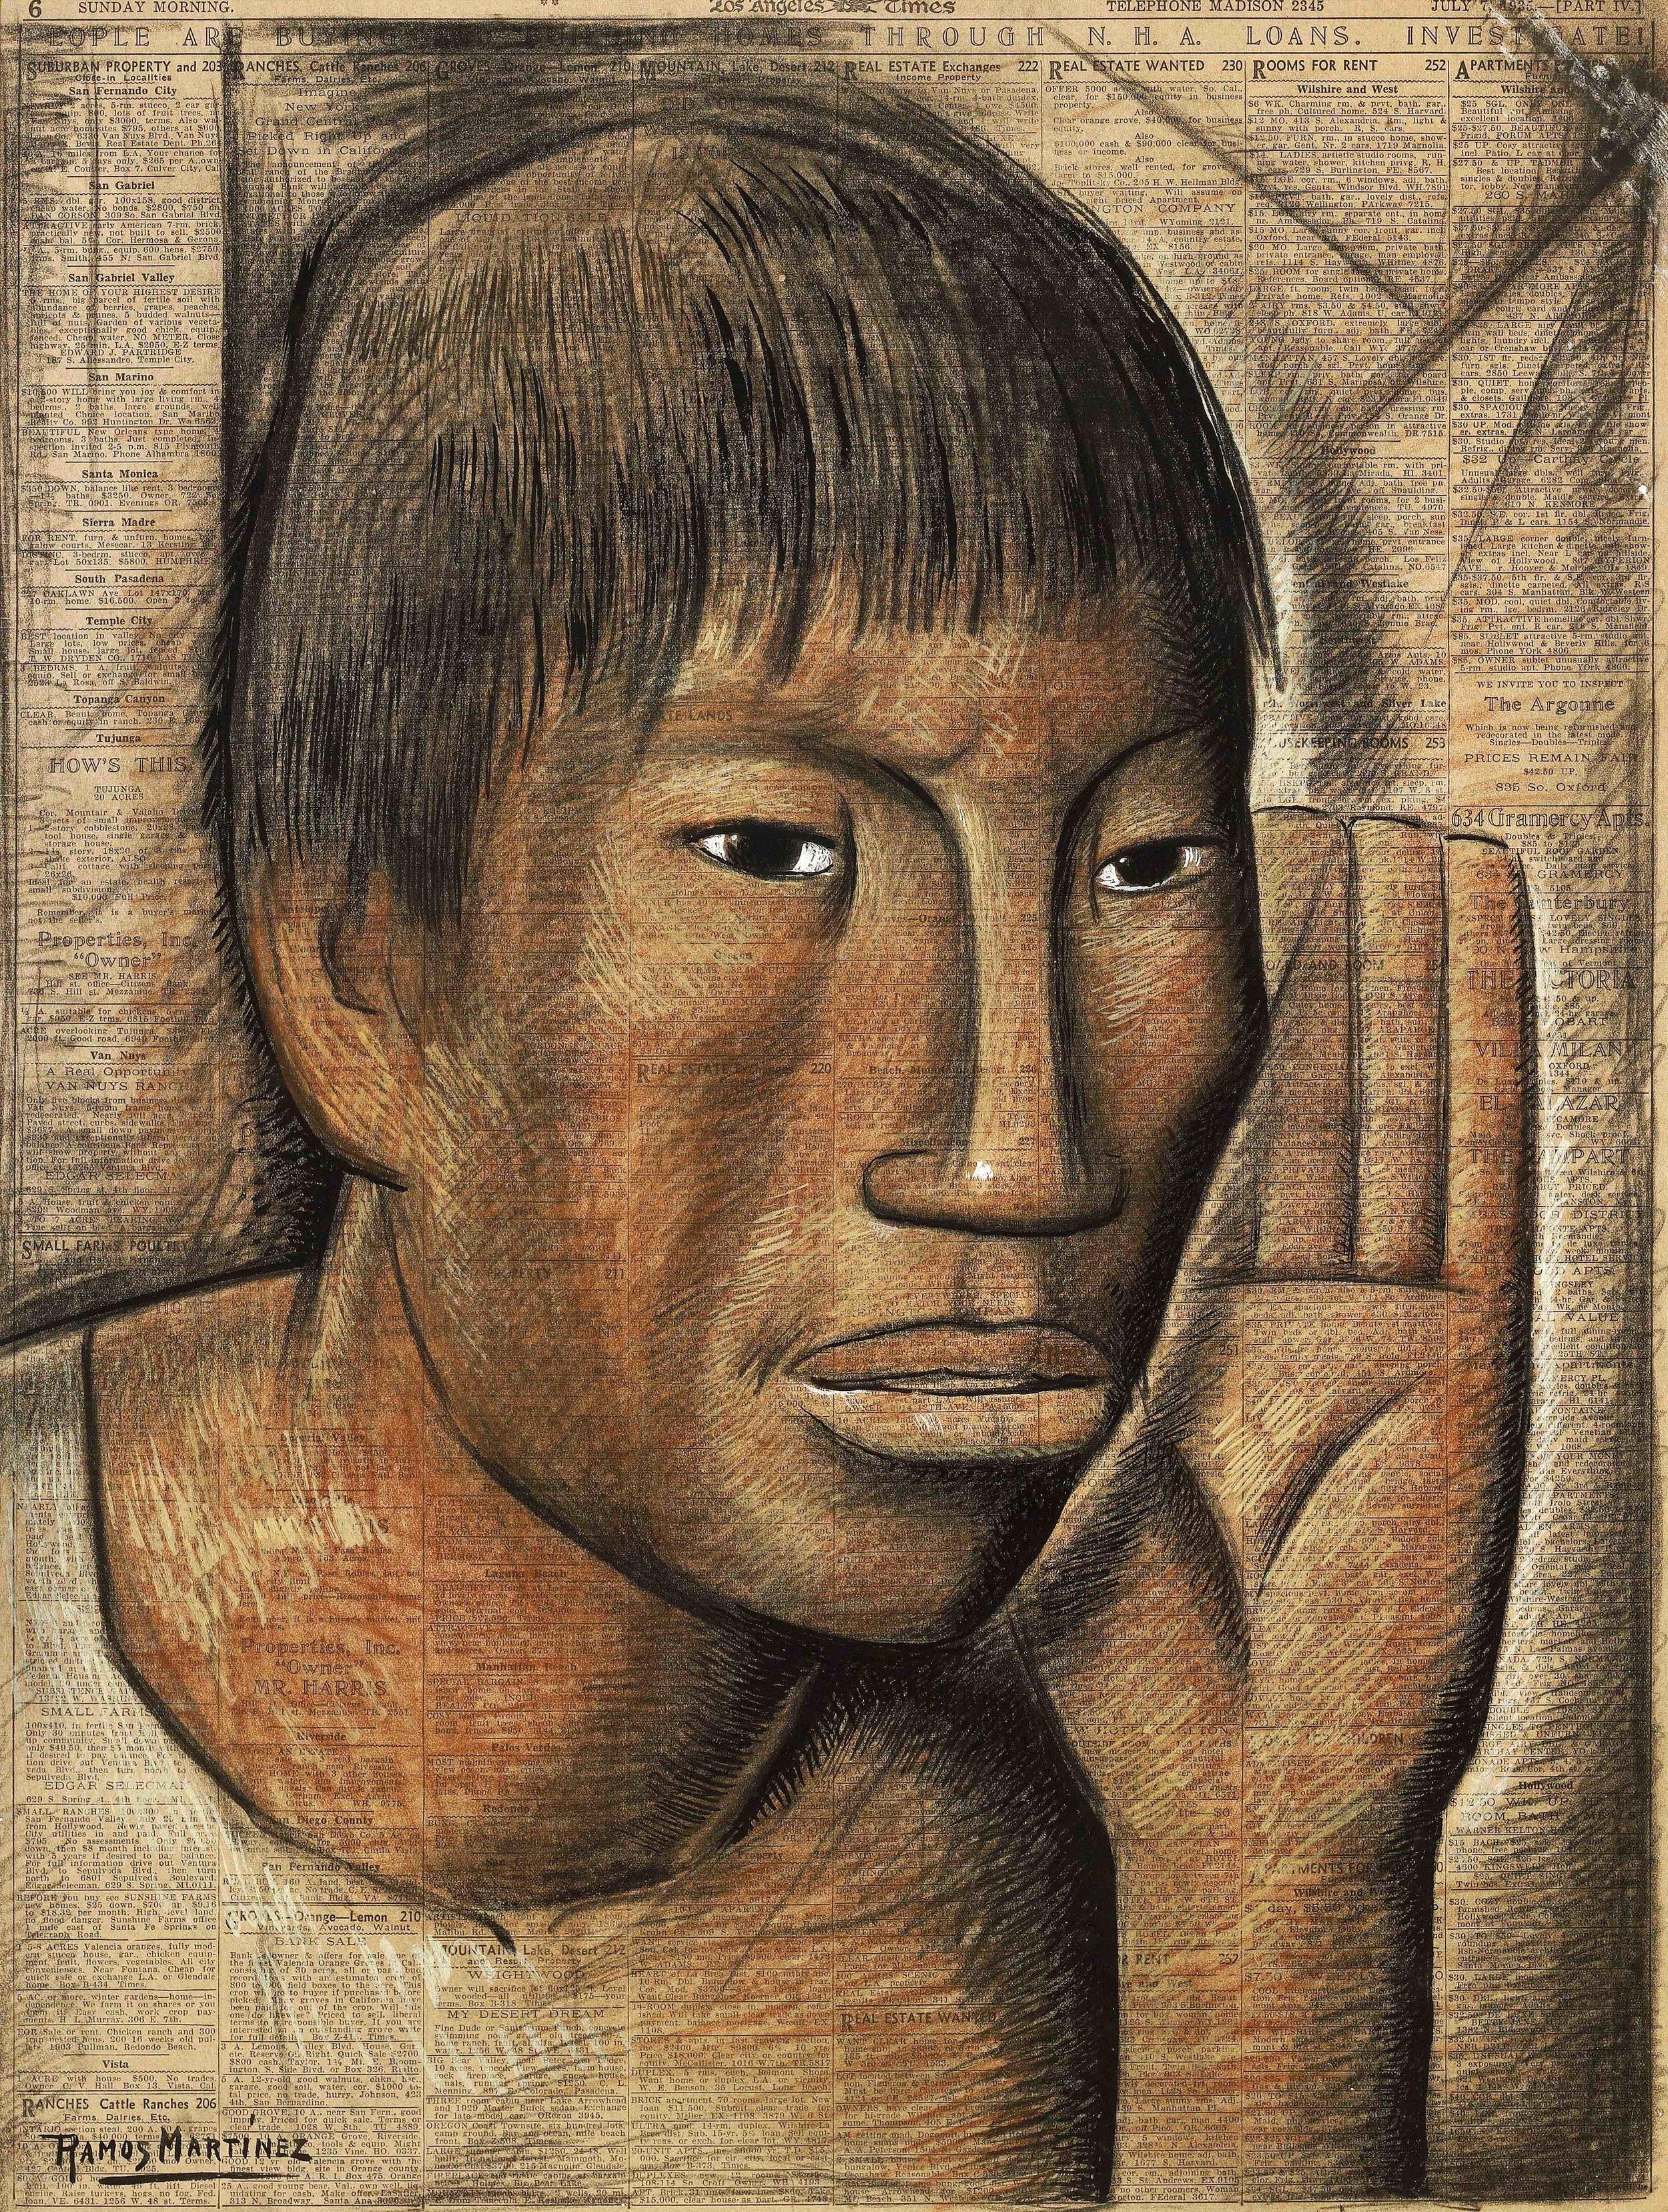 Cabeza de Joven / Head of a Young Man  1935 tempera and Conté crayon on newsprint / temple y crayon Conté sobre papel periódico (Los Angeles Times, July 7, 1935) 23.1 x 17.5 inches; 58.8 x 44.5 centímetros Private collection